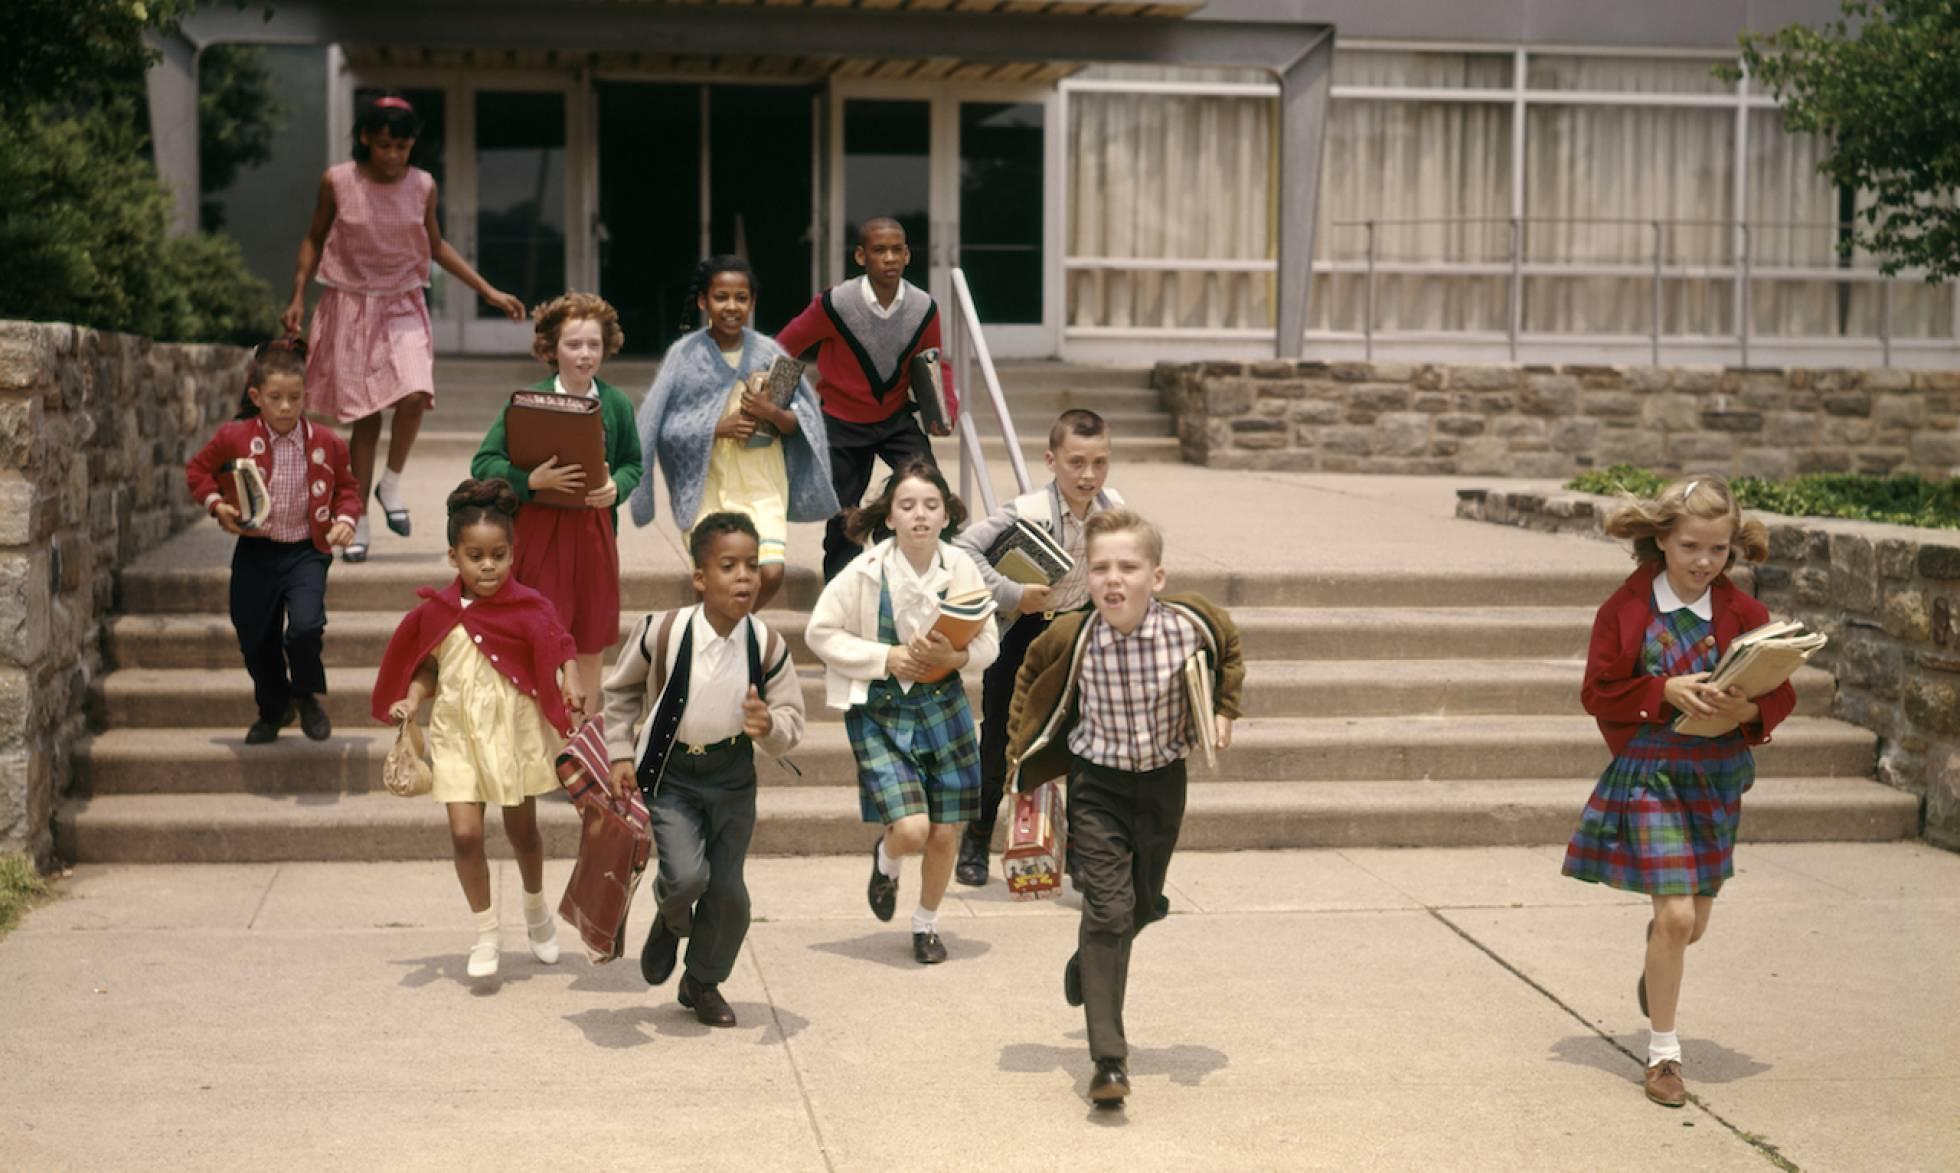 ¿Deberíamos enseñar amistad en las escuelas?